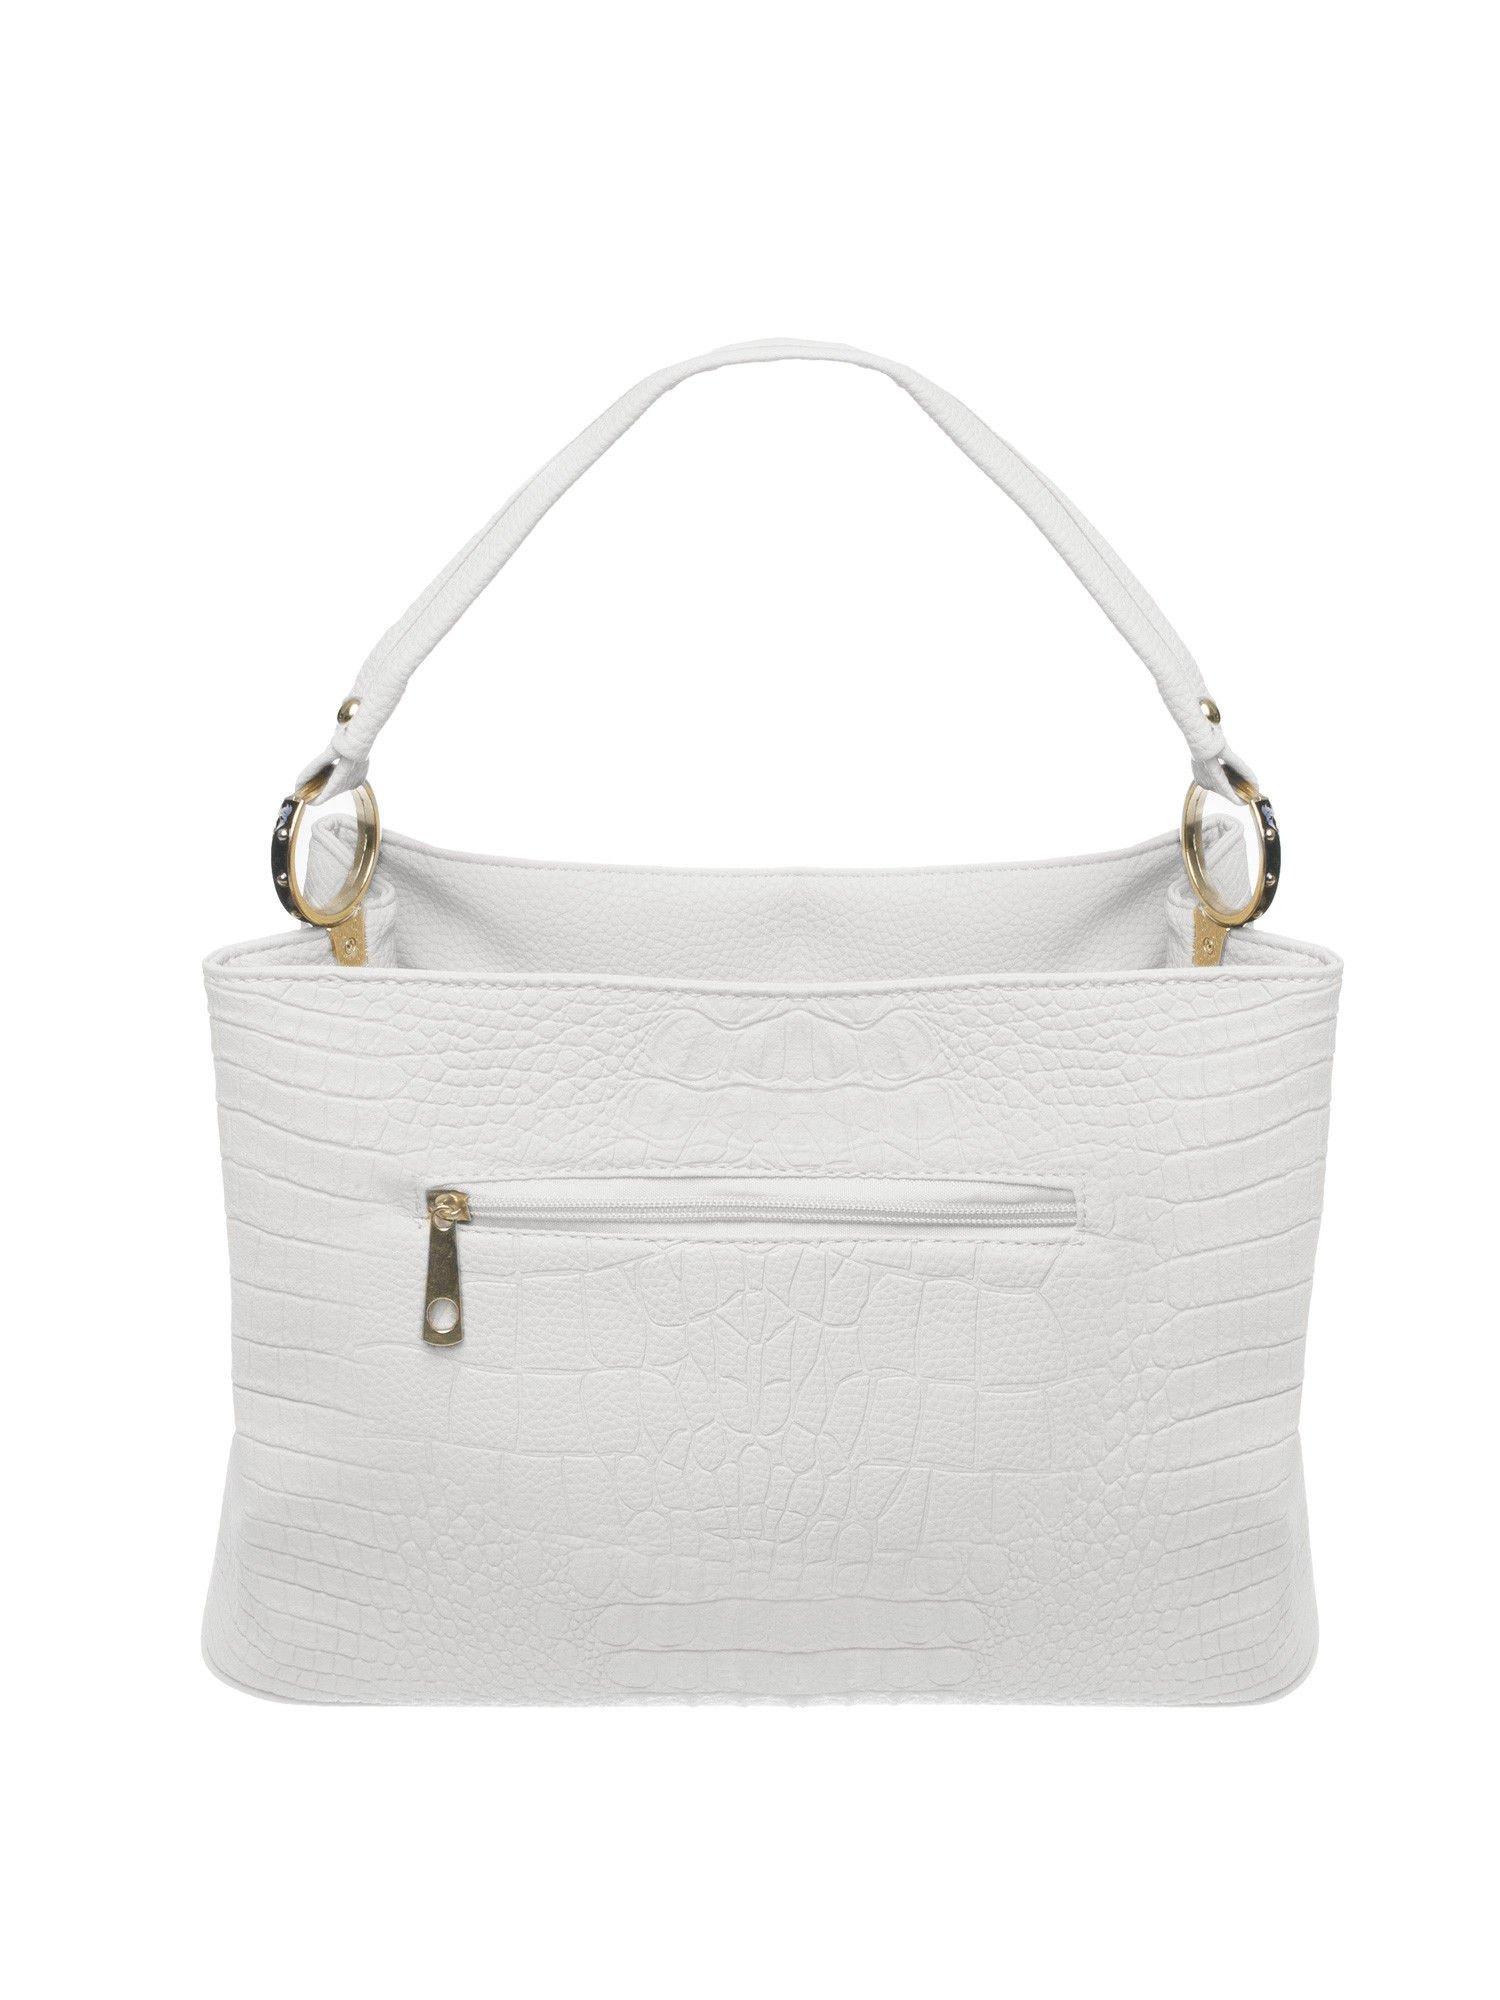 Biała torebka na ramię tłoczona na wzór skóry krokodyla                                  zdj.                                  2